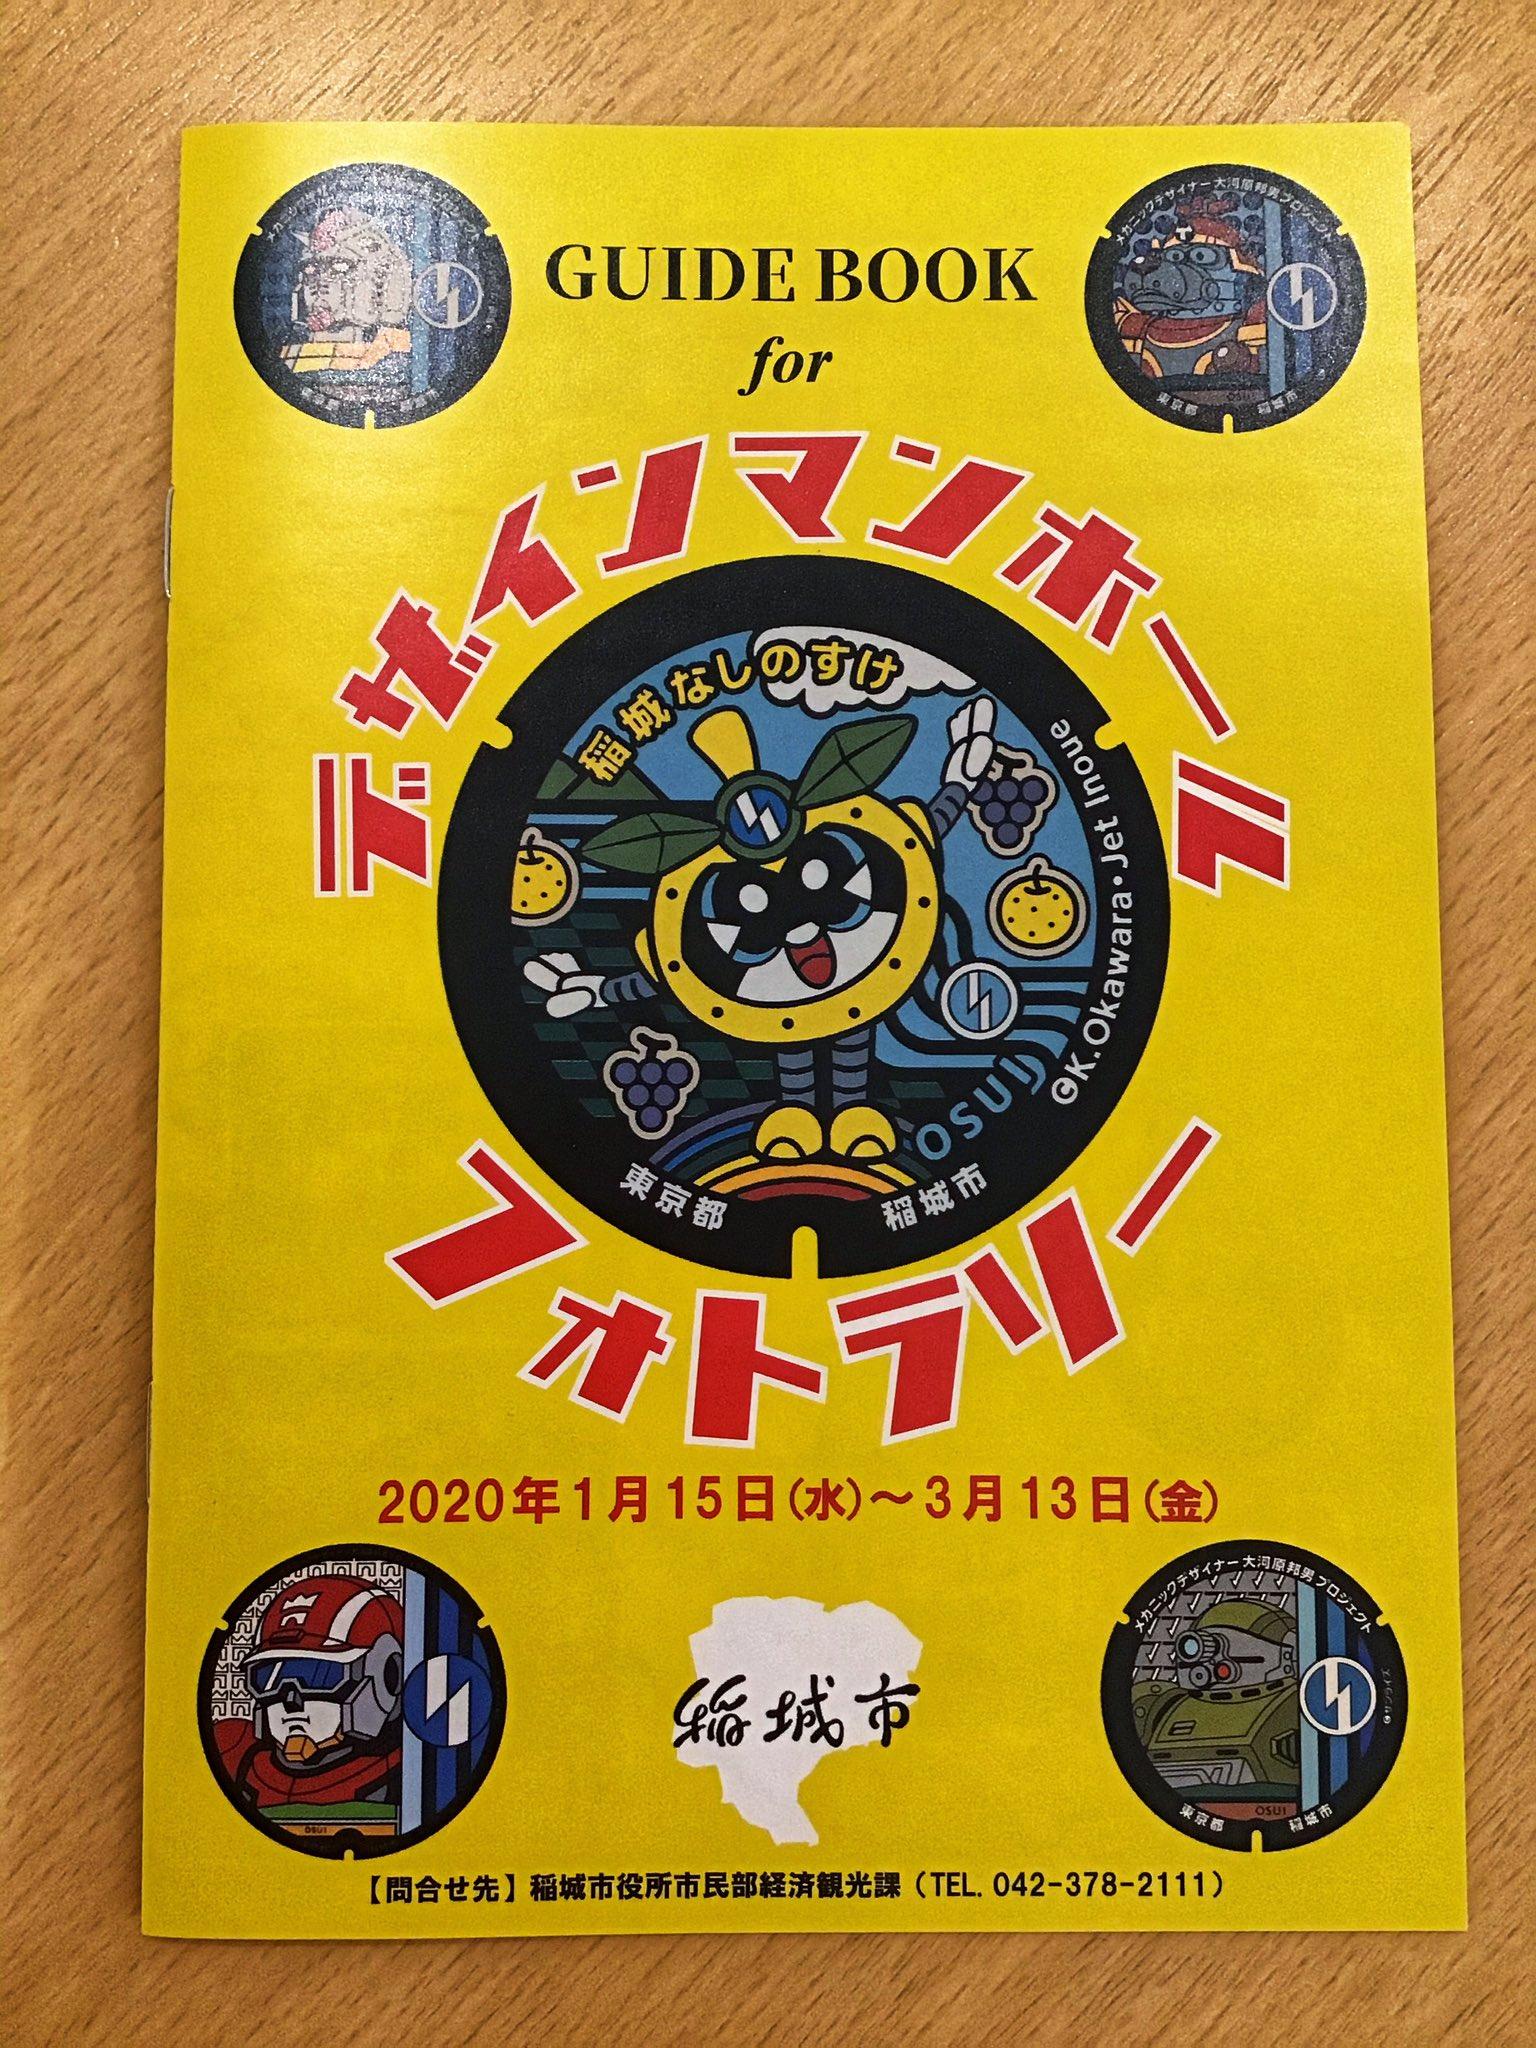 市 カード 稲城 マンホール 日本初のガンダムマンホール誕生 東京都稲城市「デザインマンホール蓋」11月30日から設置